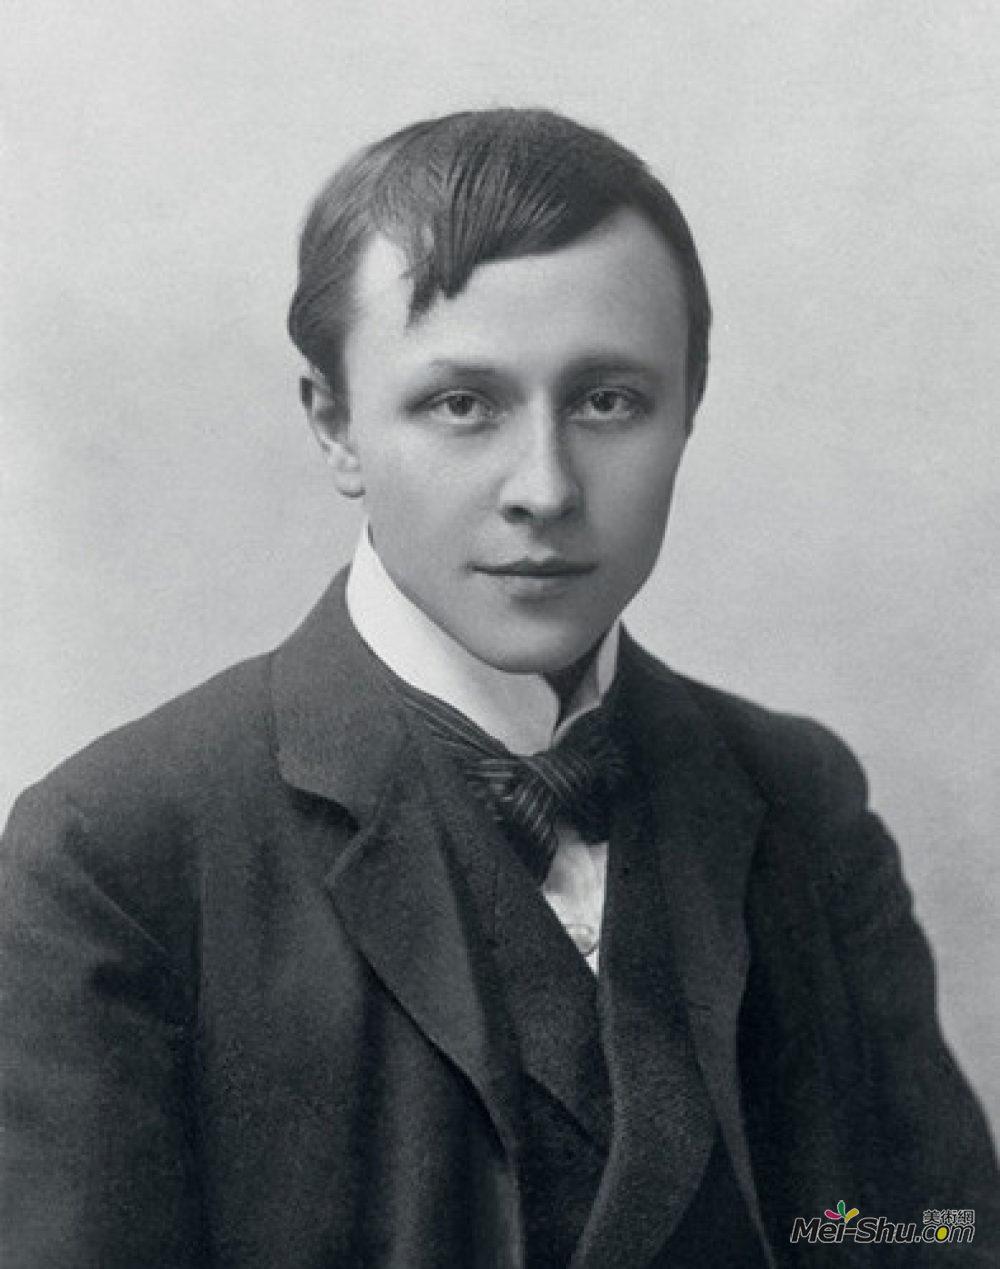 阿爾弗雷德·庫賓(Alfred Kubin)